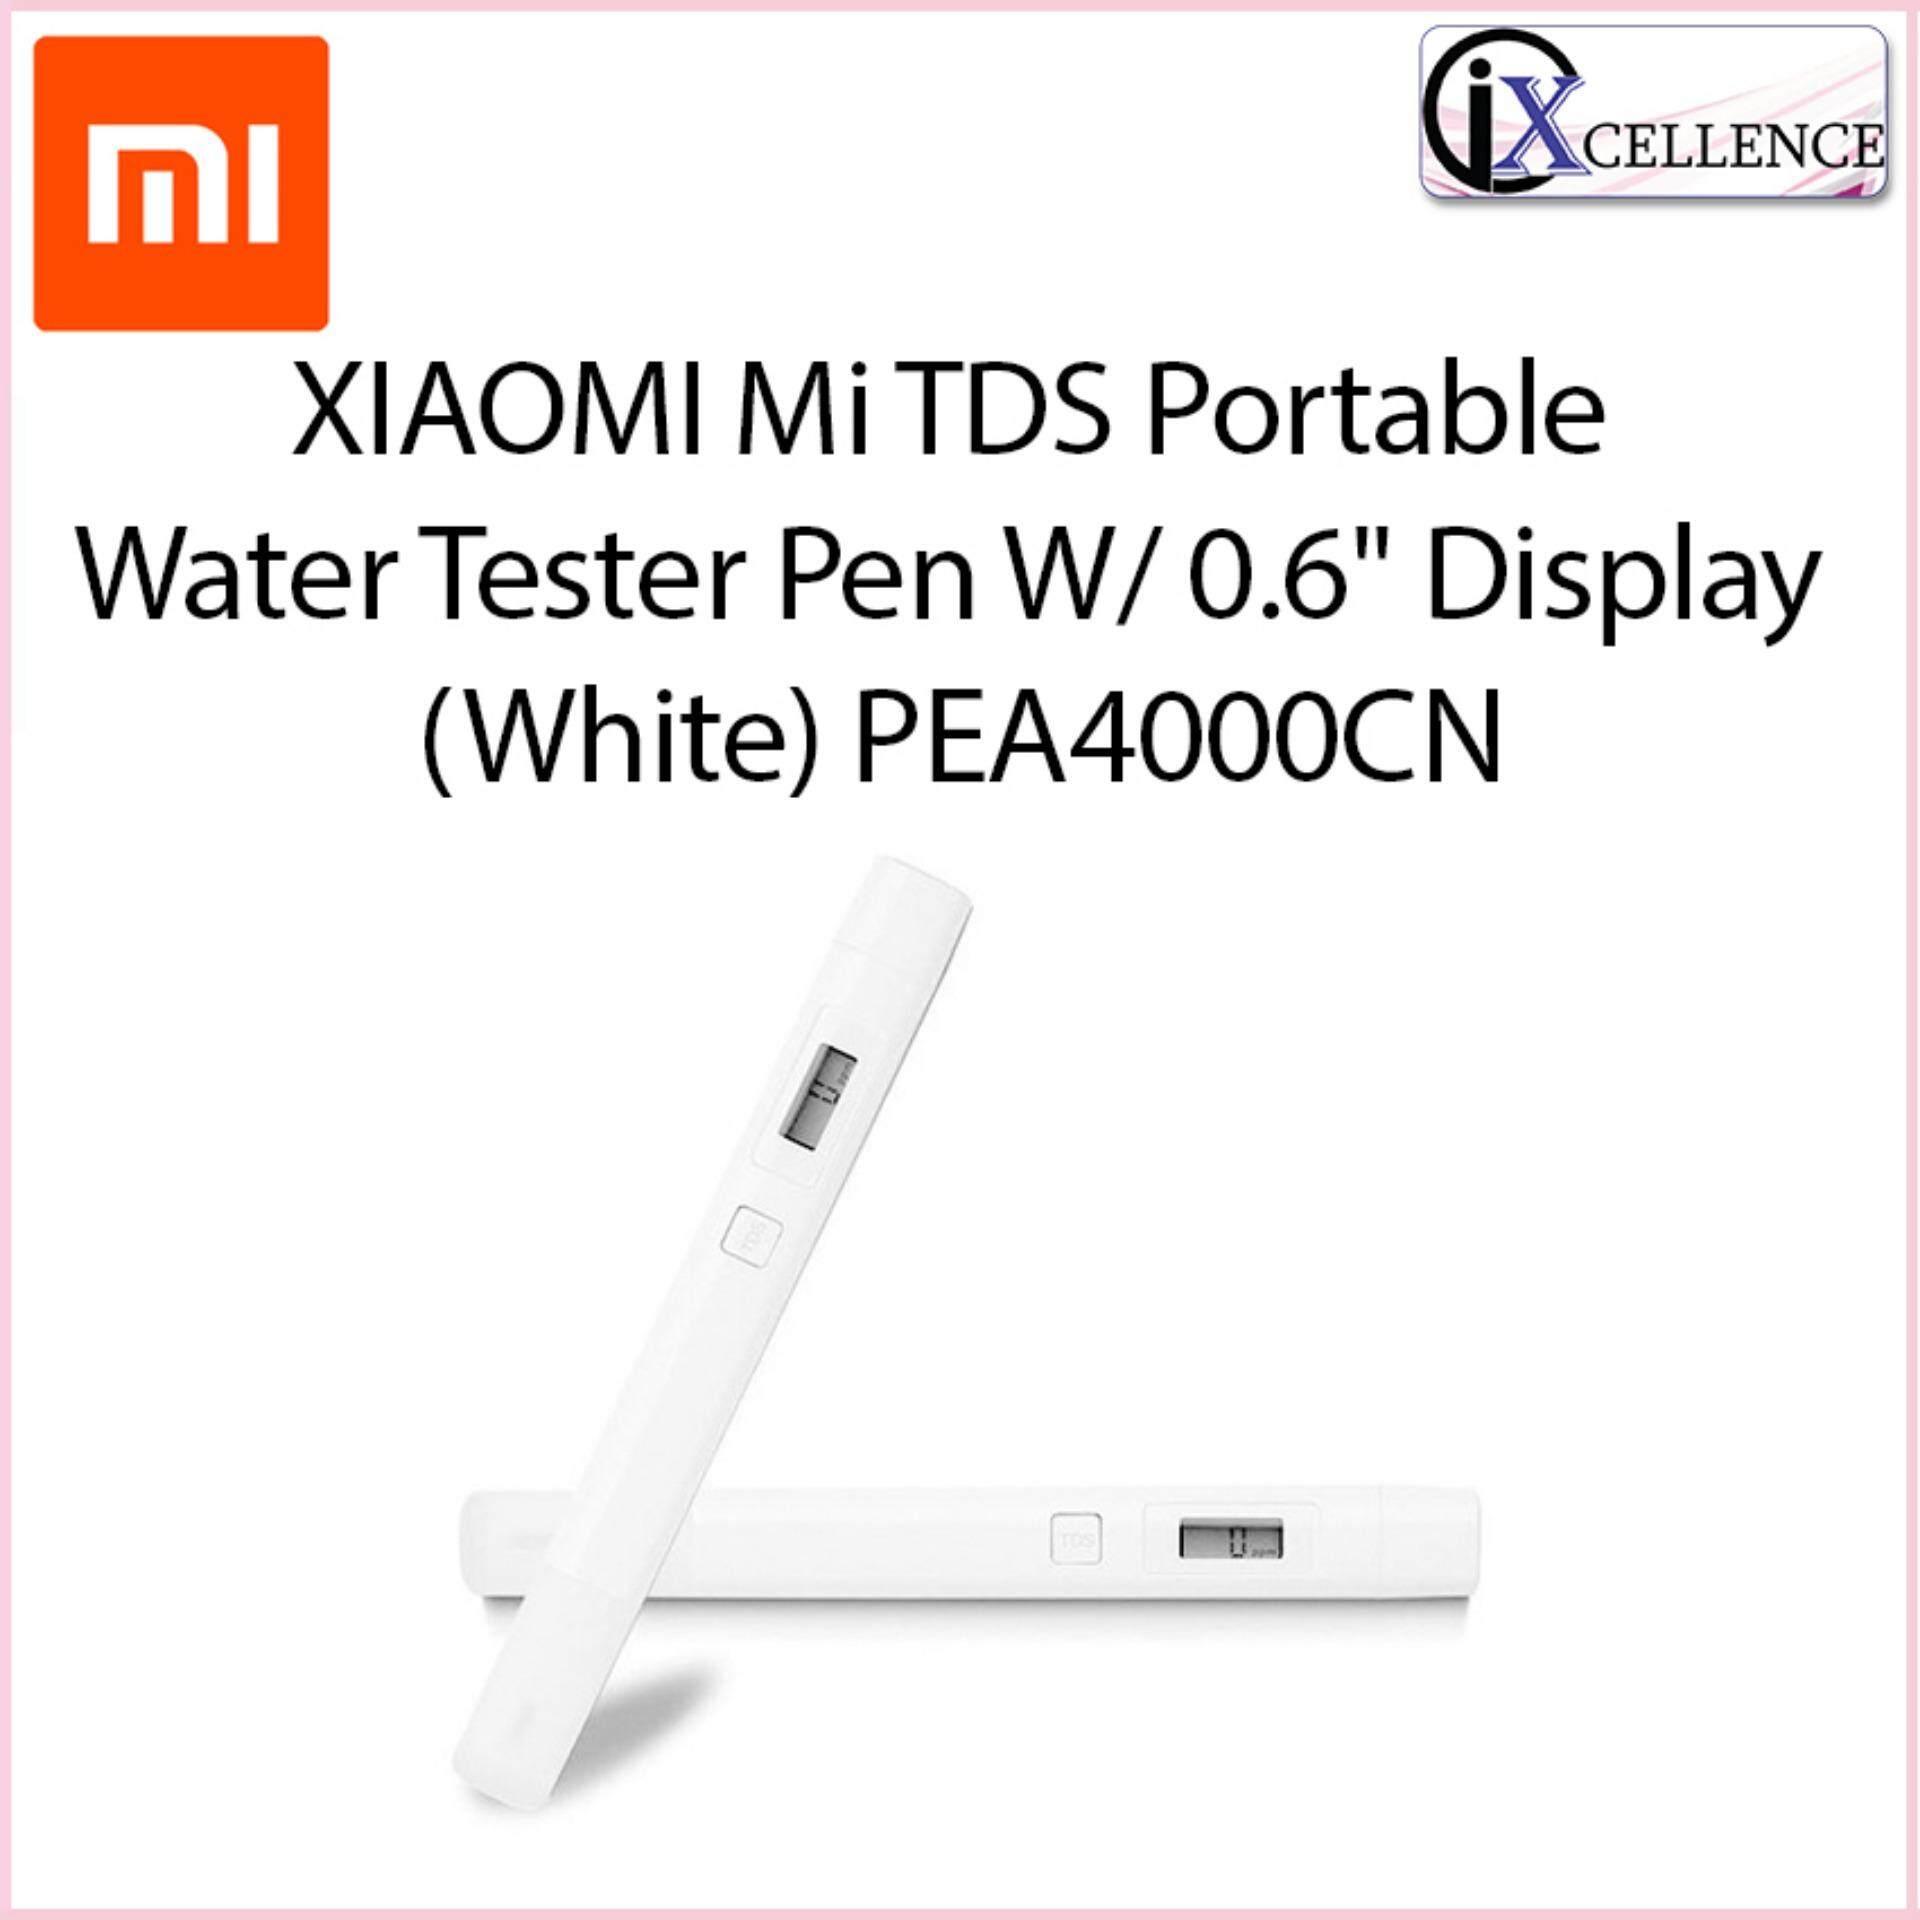 Xiaomi Home Tools Diy Outdoor Price In Malaysia Best Original Door Window Sensor White Ix Mi Tds Portable Water Tester Pen W 06 Display